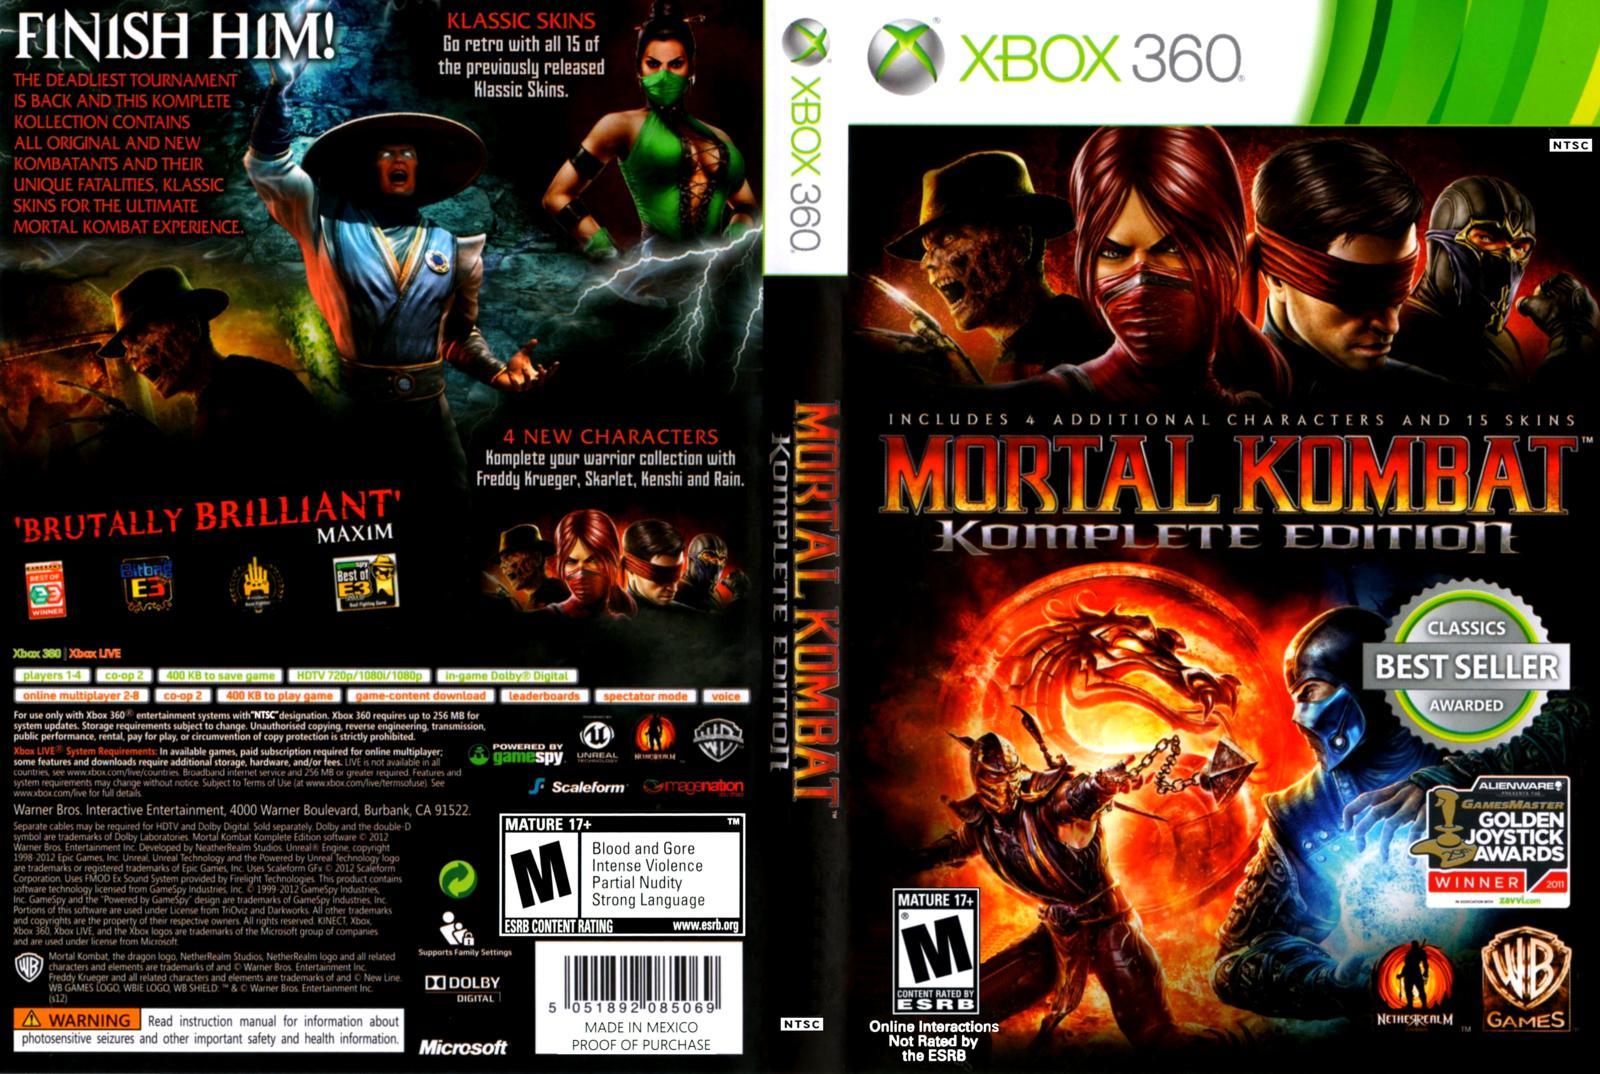 Mortal kombat komplete edition nudity adult photo